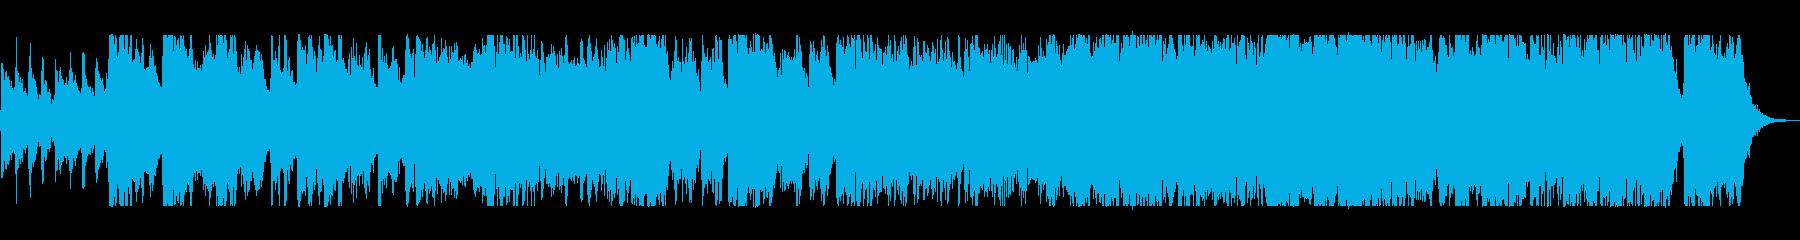 重厚な激しさのあるオーケストラの再生済みの波形